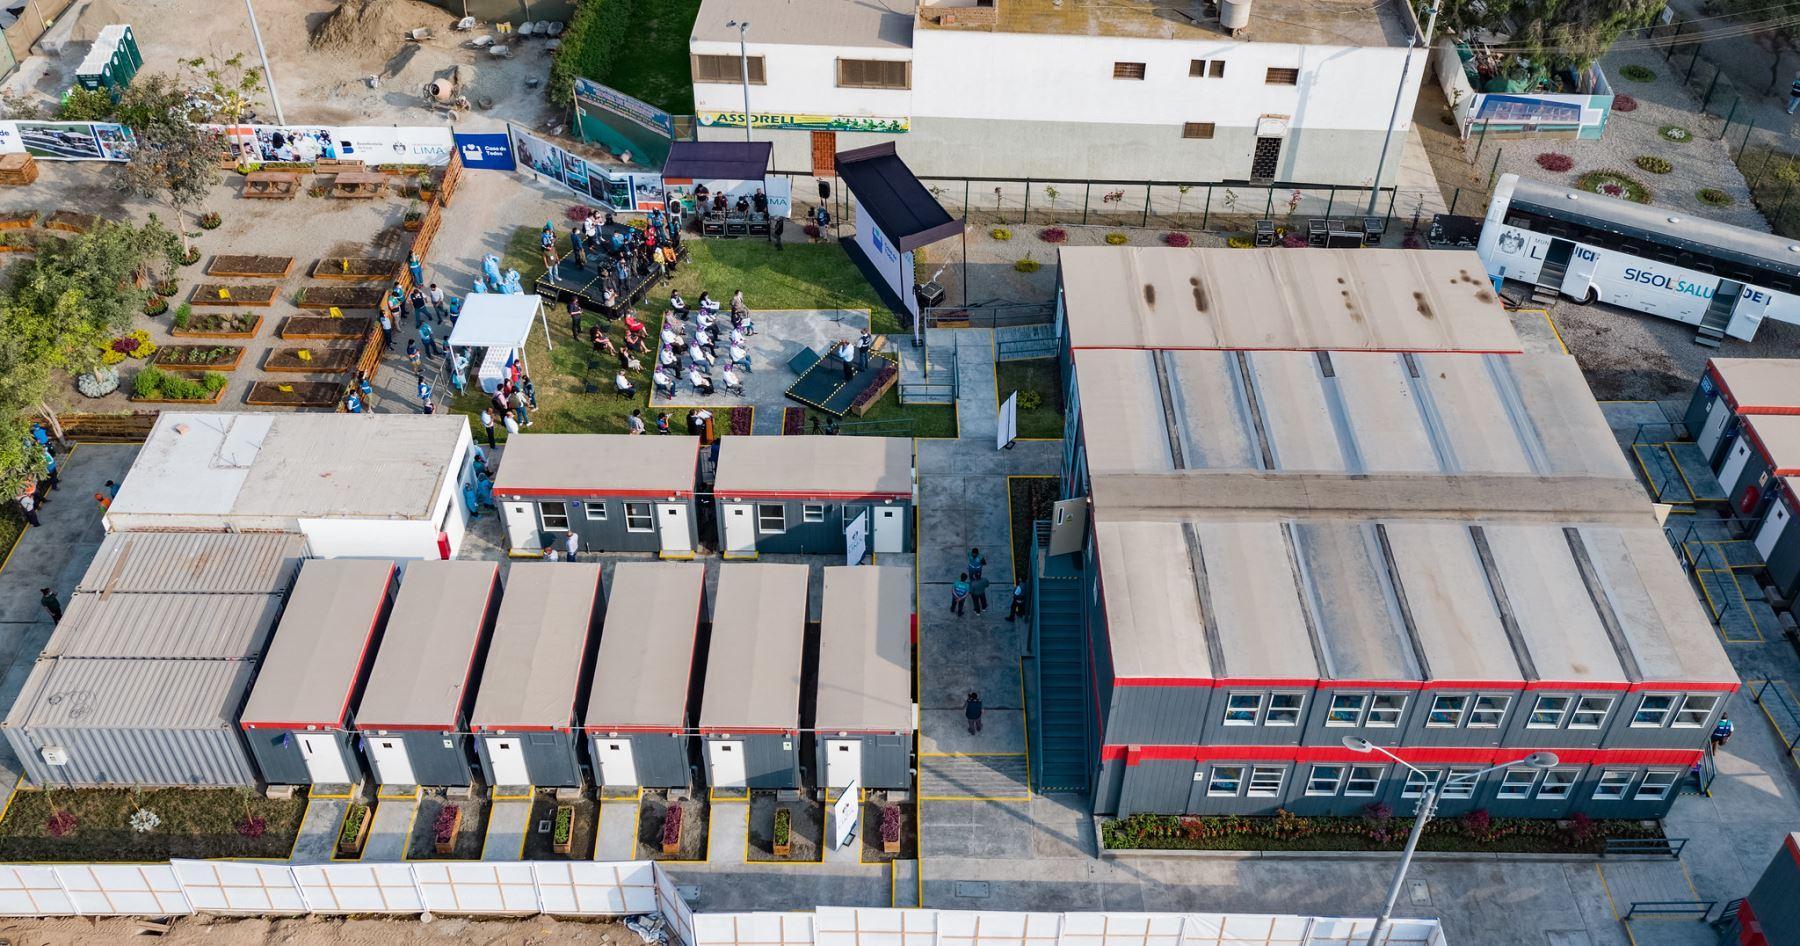 Recinto cuenta con 40 habitaciones dobles para acoger a personas sin hogar, quienes ingresarán a un programa de reinserción social. Foto: Difusión